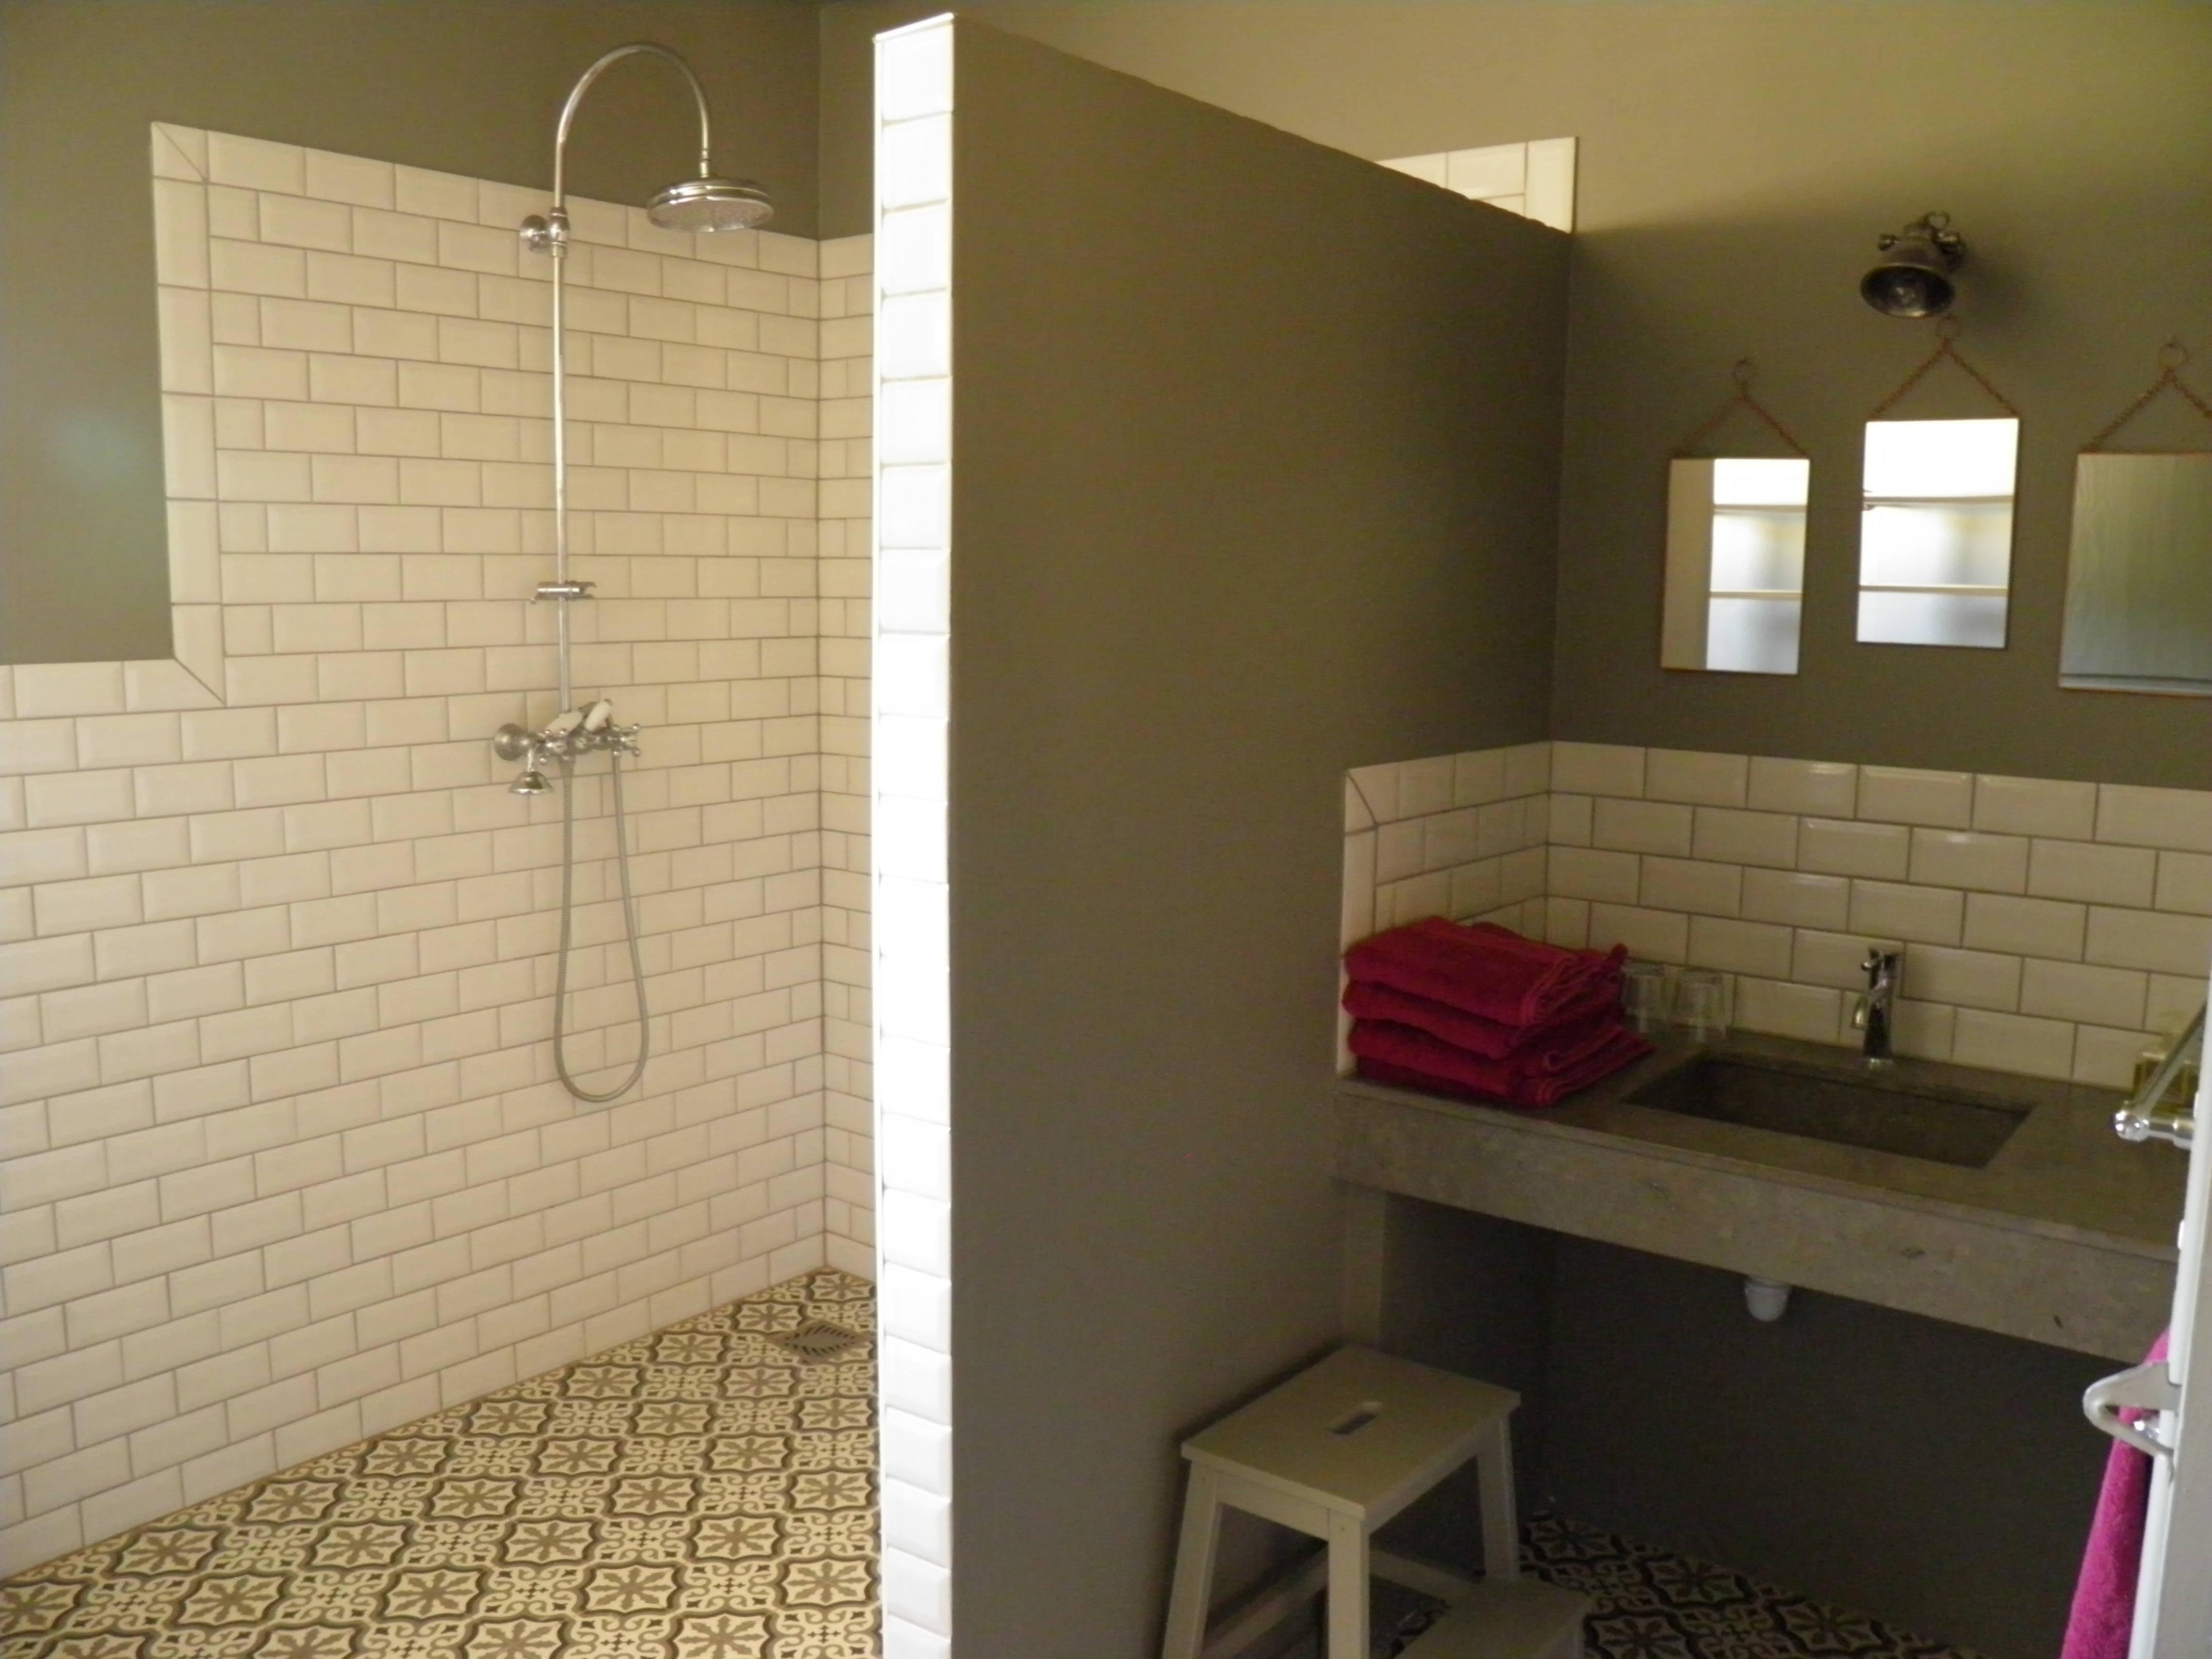 File:Gîte - salle de bain.jpg - Wikimedia Commons